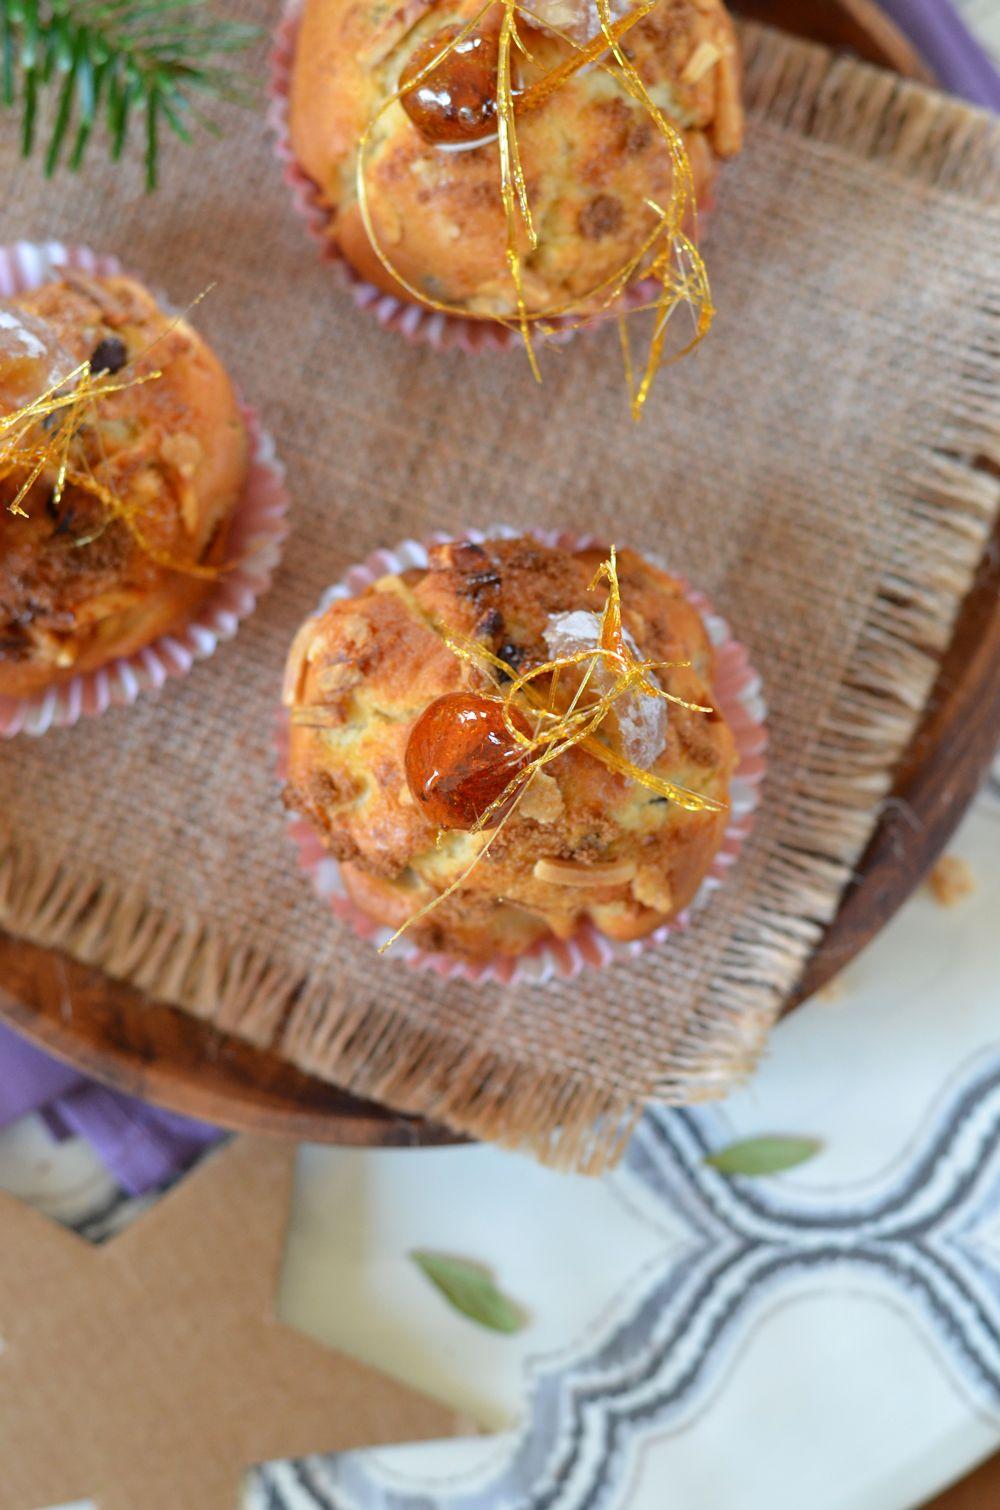 Muffins à la crème de marron et marron glacé